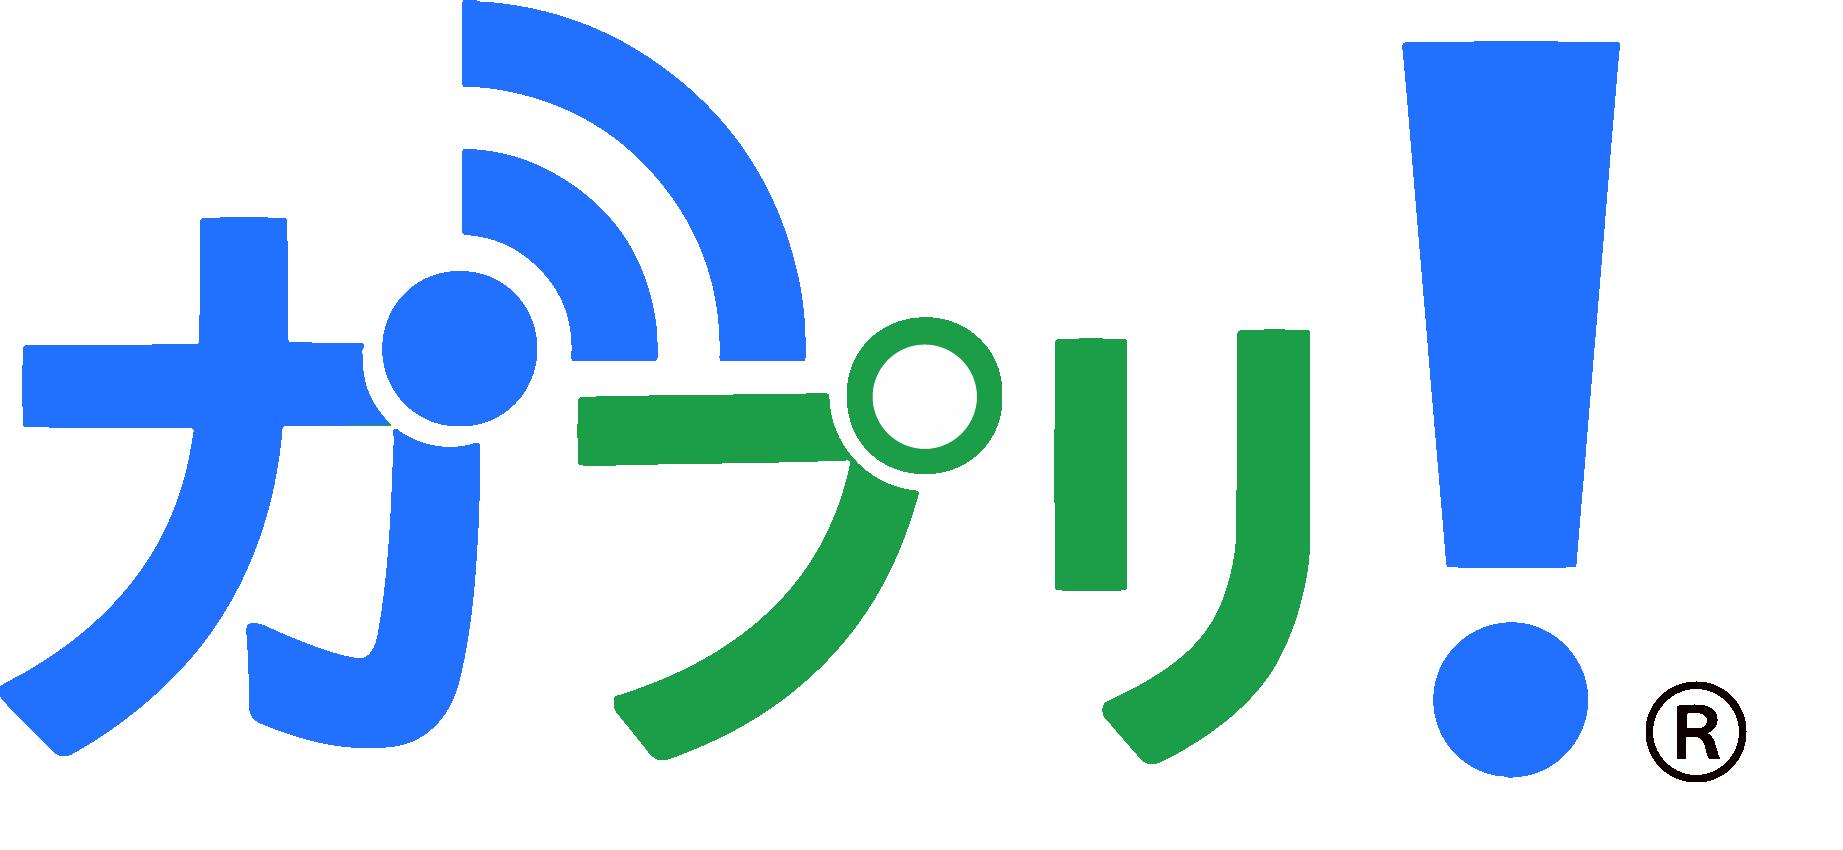 がプリ ロゴ